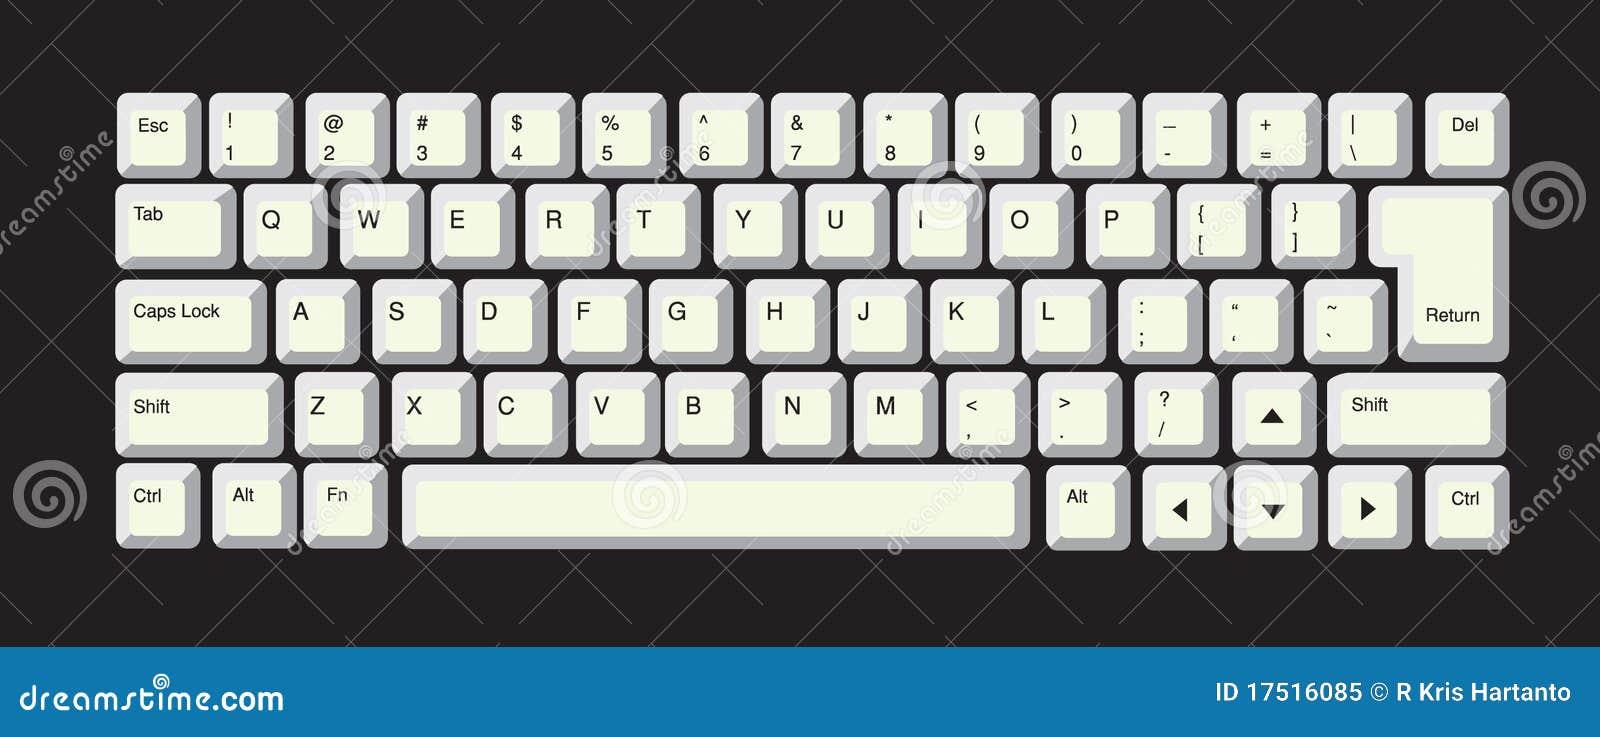 Скачать клавиатура на компьютере